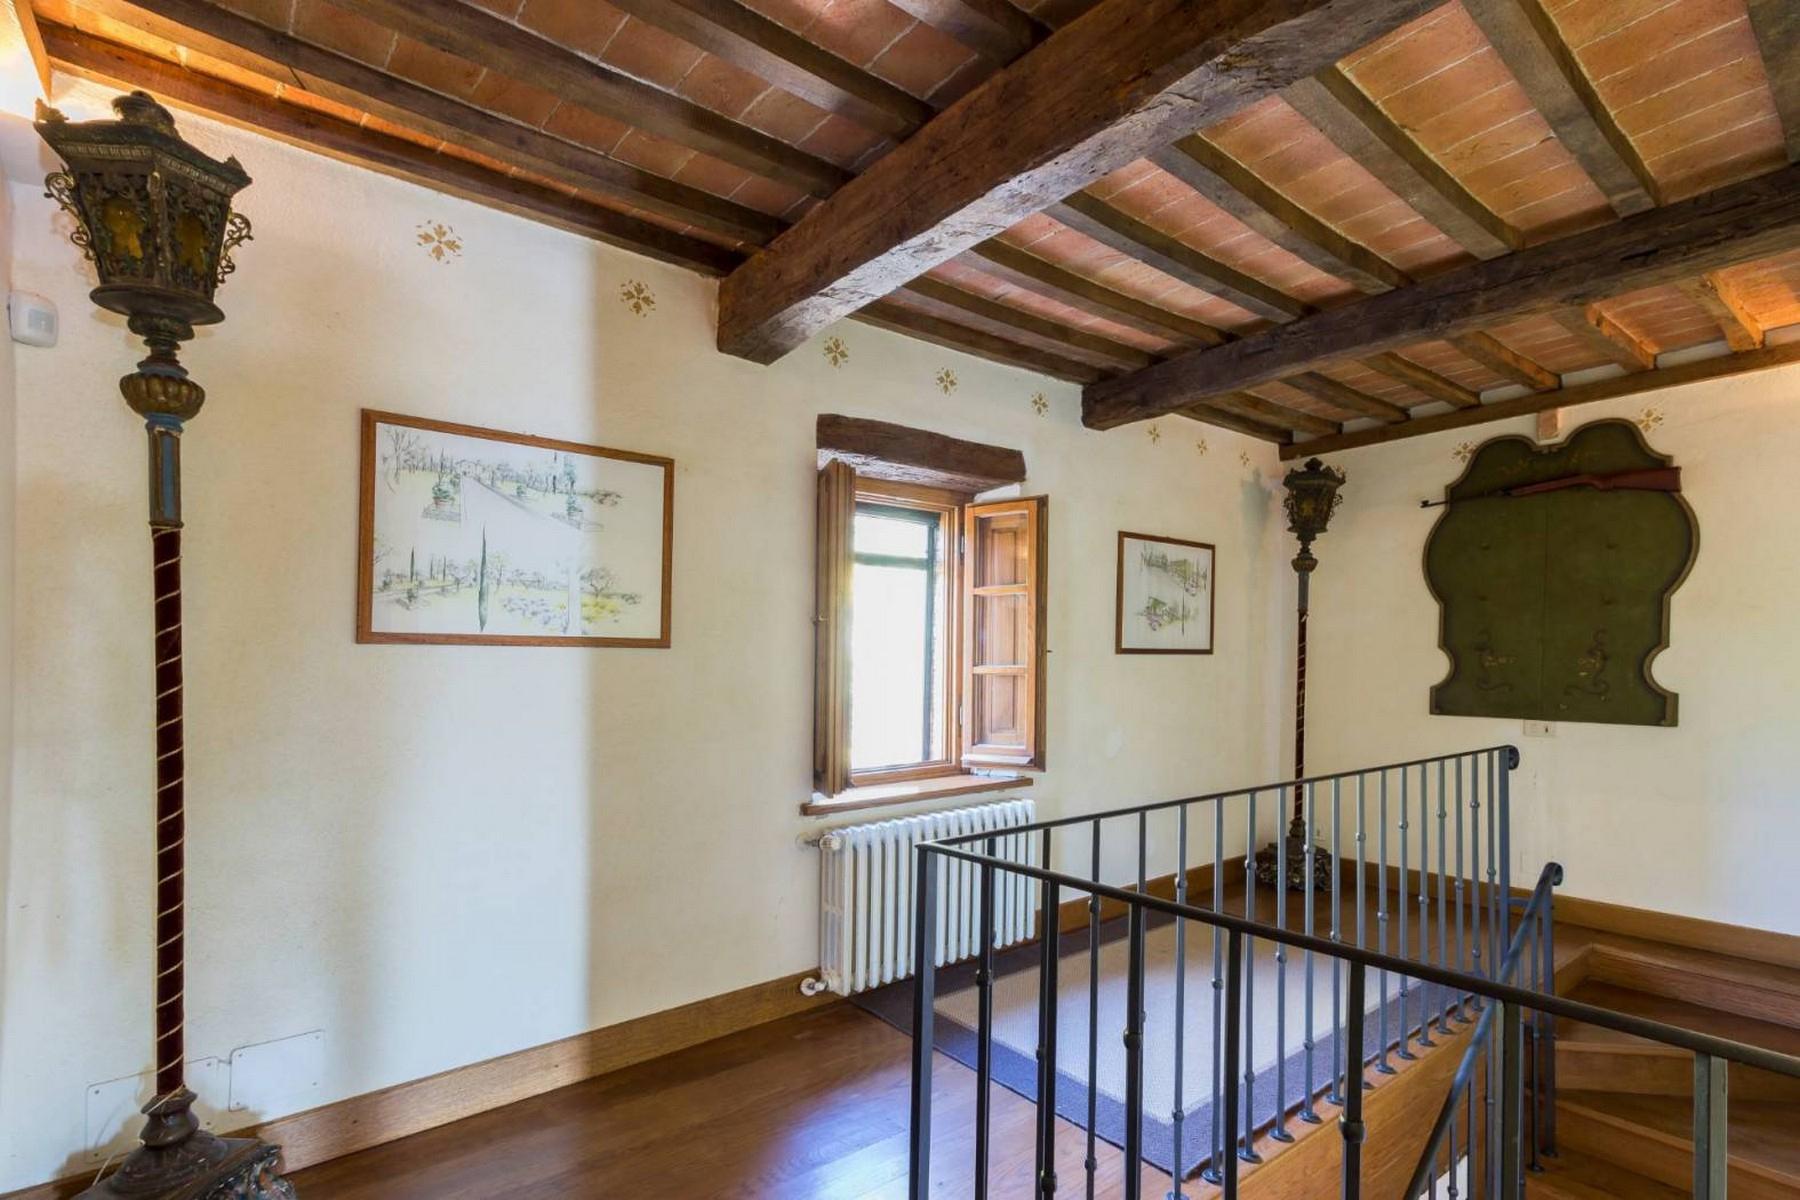 Rustico in Vendita a San Casciano Dei Bagni: 5 locali, 350 mq - Foto 10